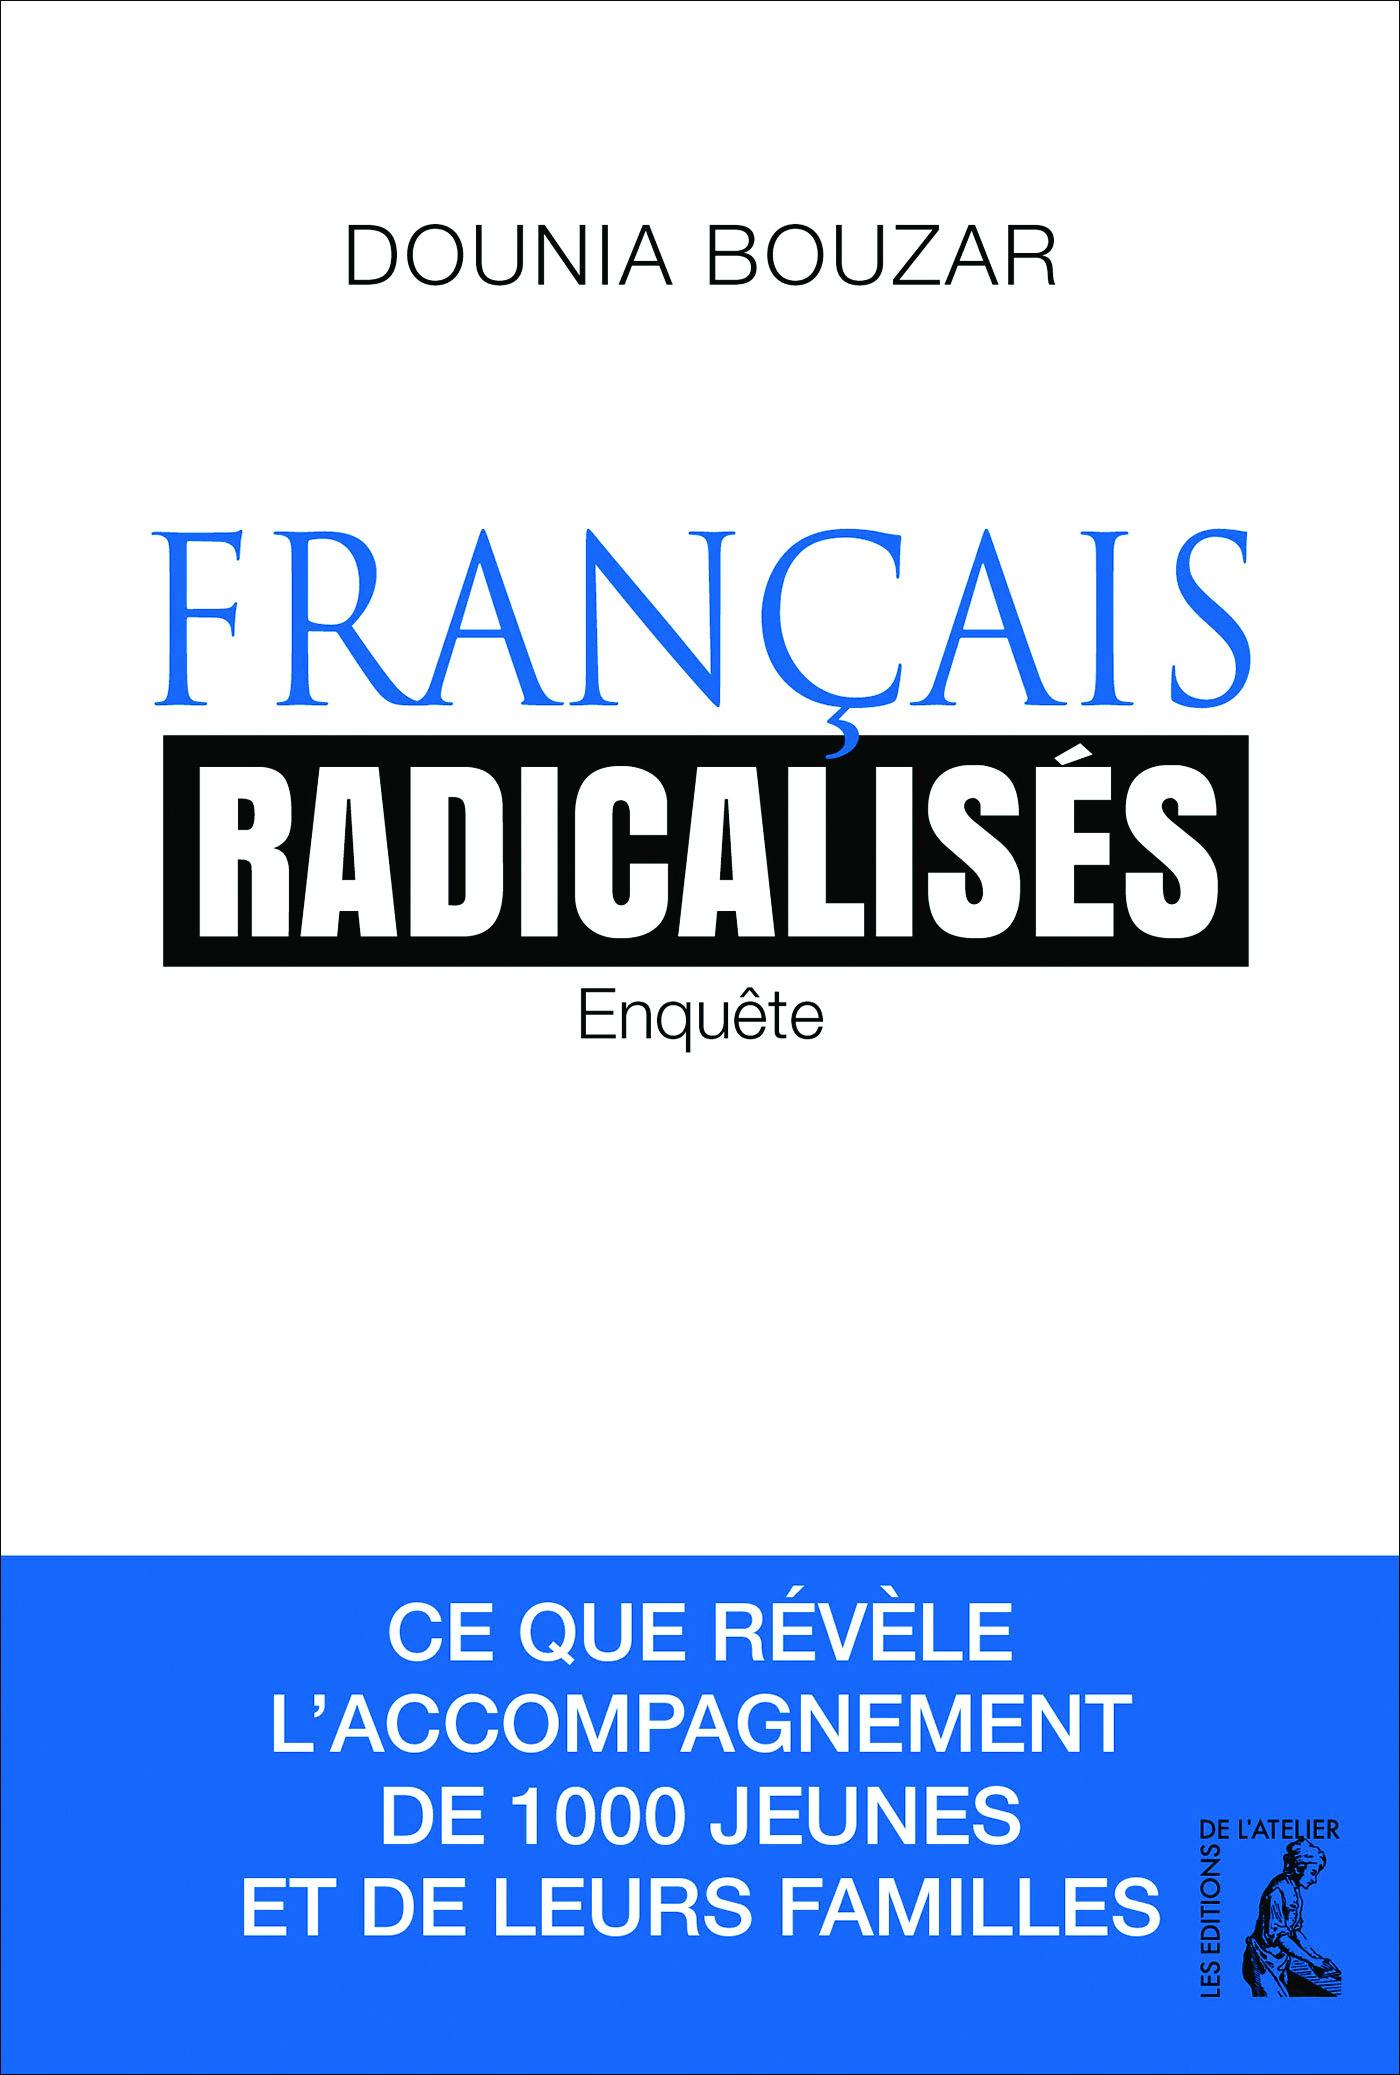 Français radicalisés enquête